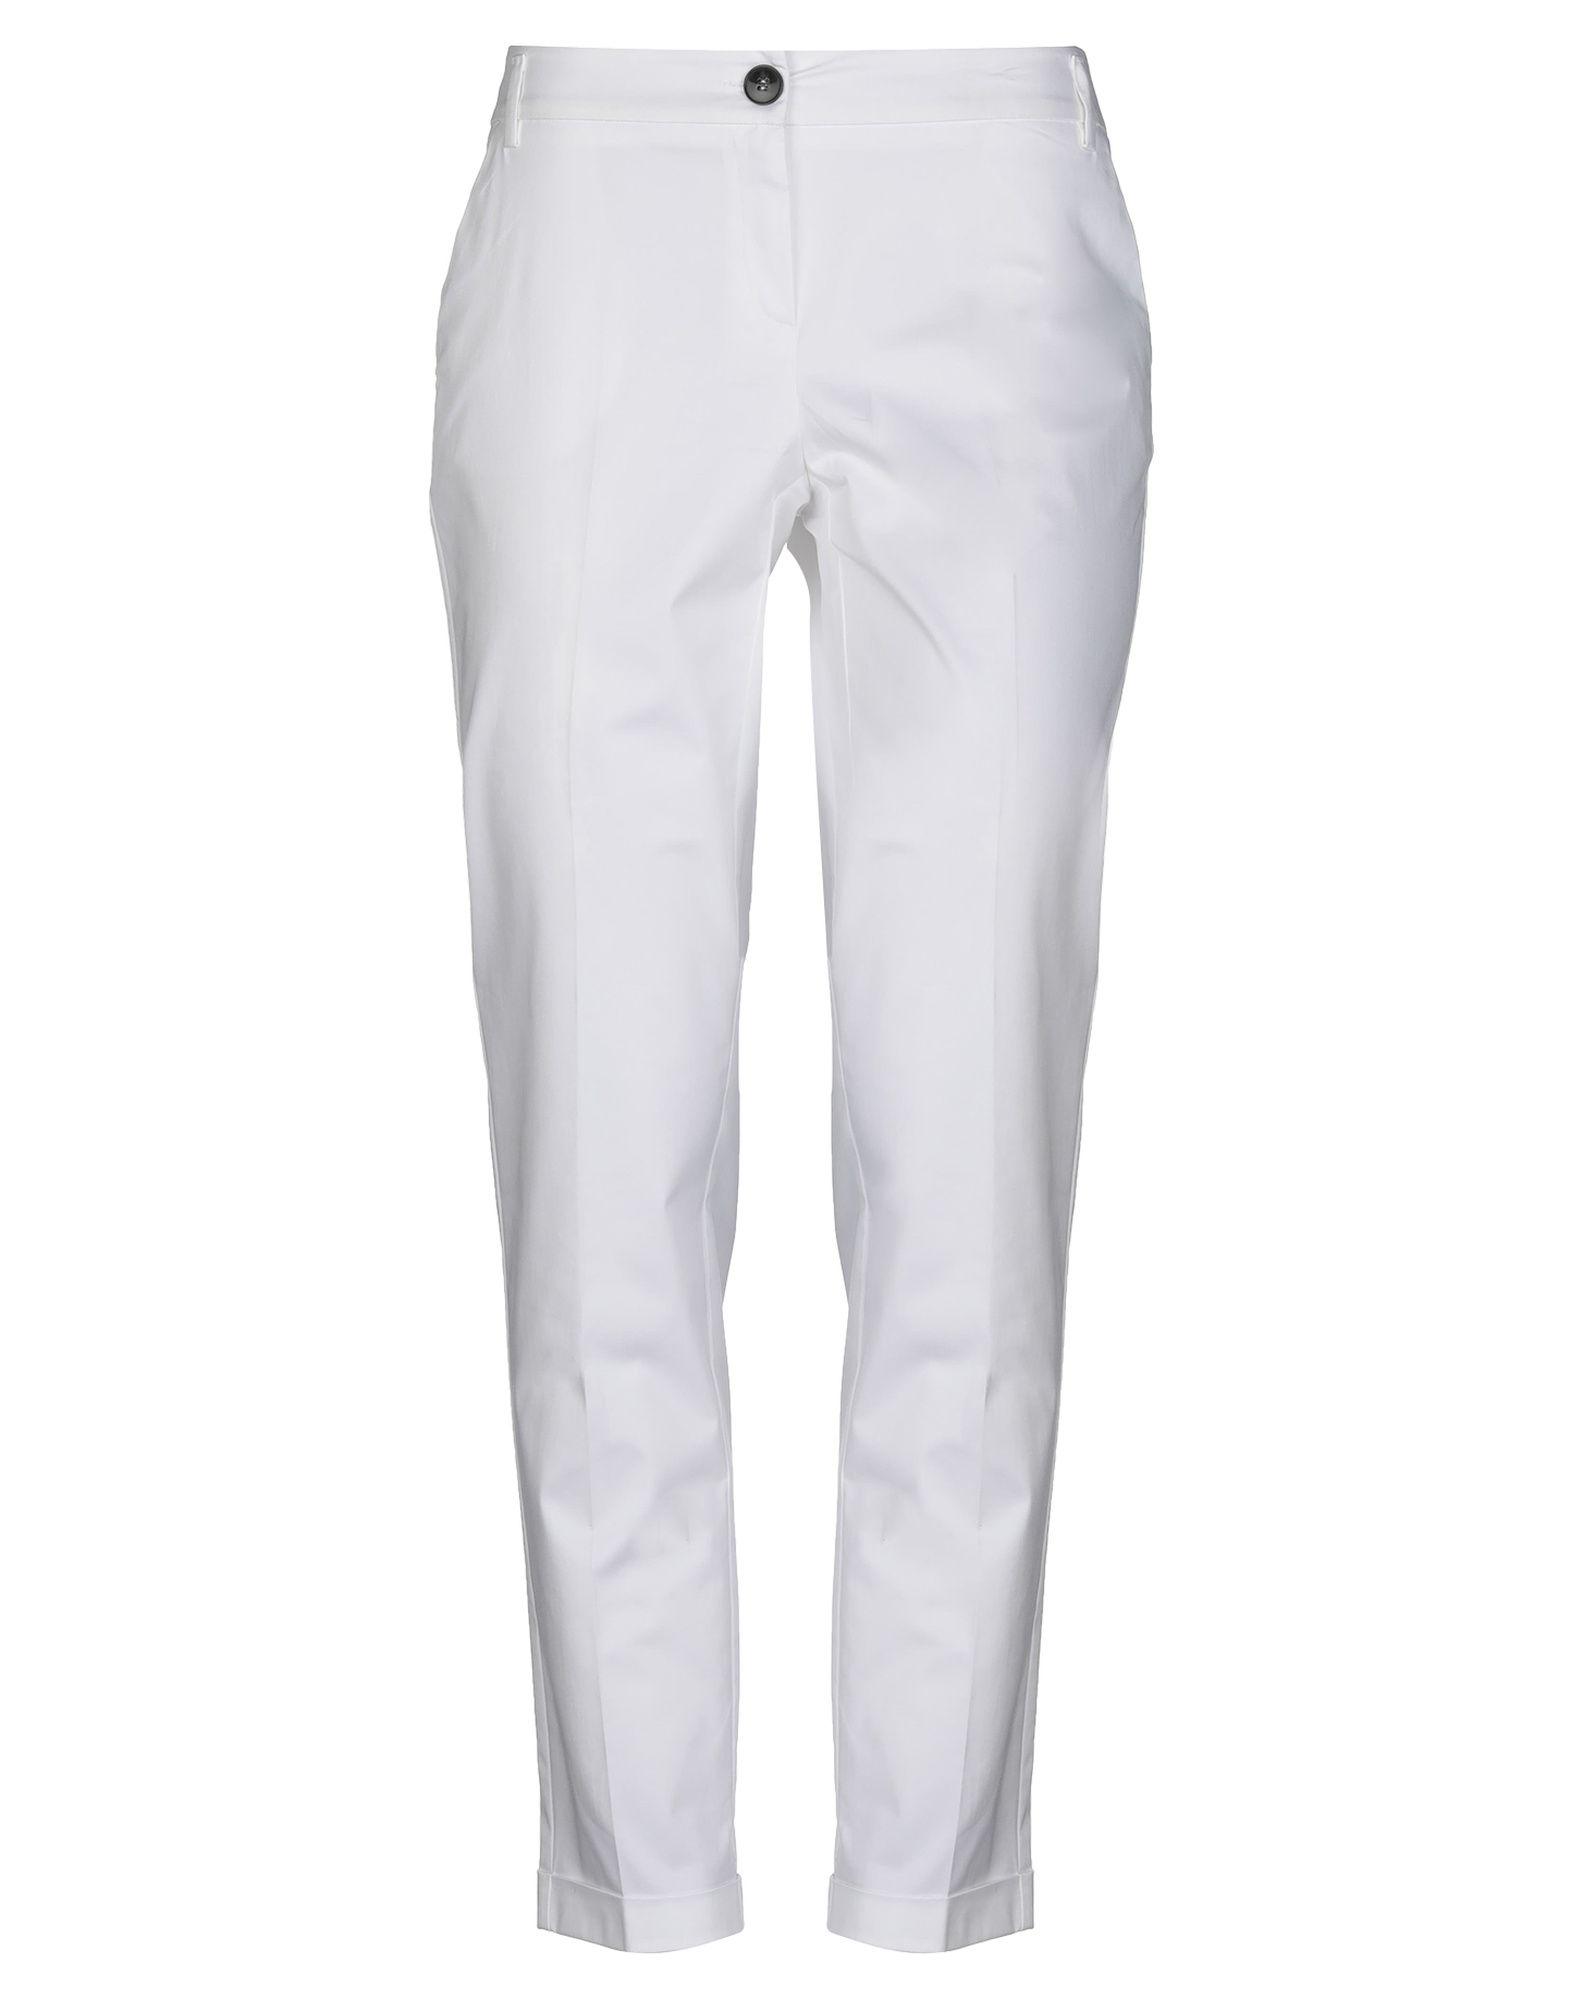 《セール開催中》EMME by MARELLA レディース パンツ ホワイト 42 コットン 98% / ポリウレタン 2%